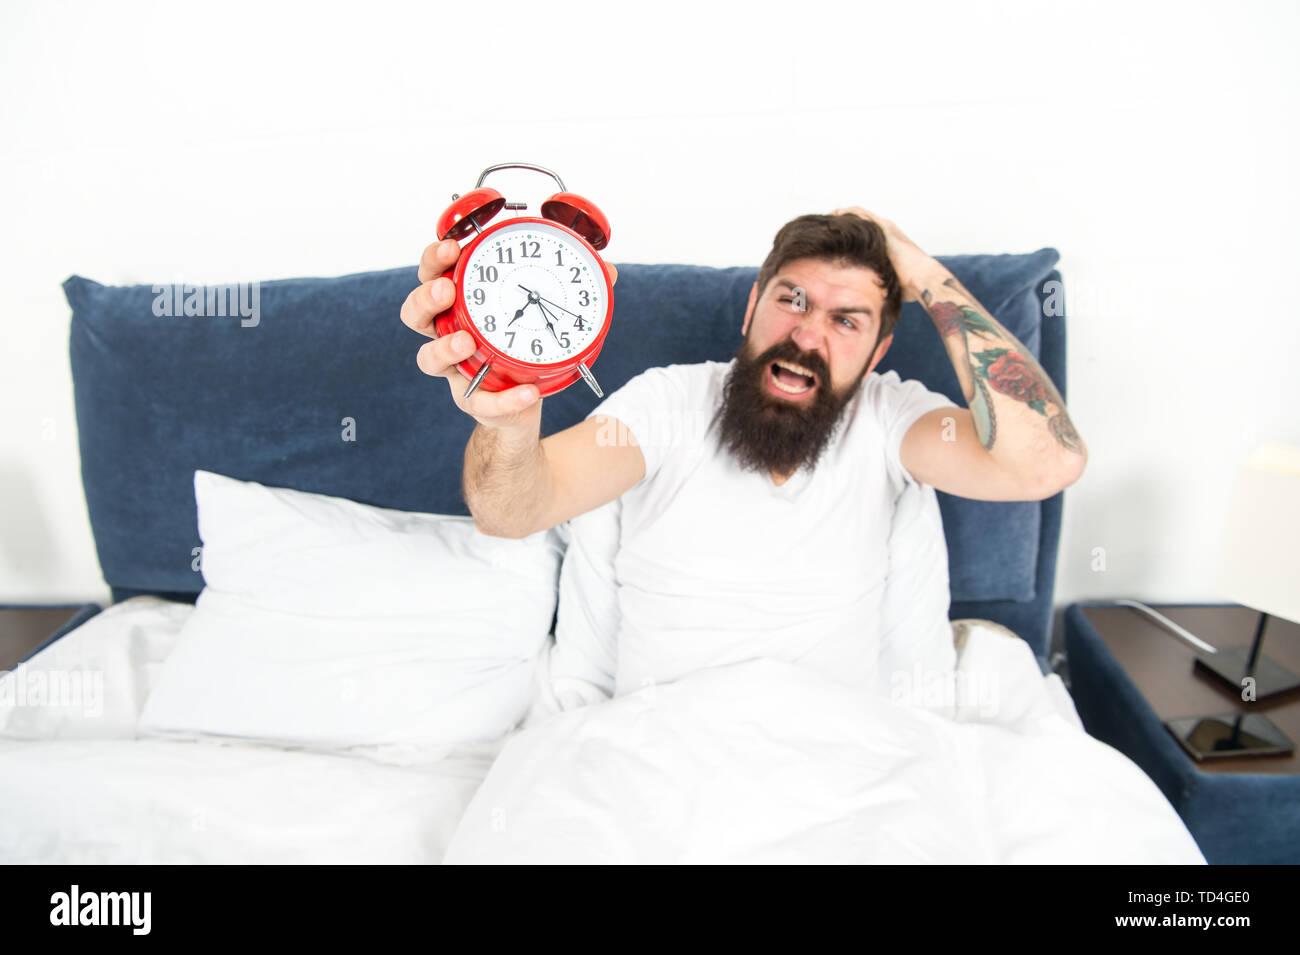 Migliori orologi di allarme per le persone che odiano la mattina. Uomo Barbuto hipster odio svegliarsi presto. L'energia distruttiva. Più difficile momento della giornata. È del tutto normale per odiare il vostro suono di allarme. Odioso pianificazione. Immagini Stock